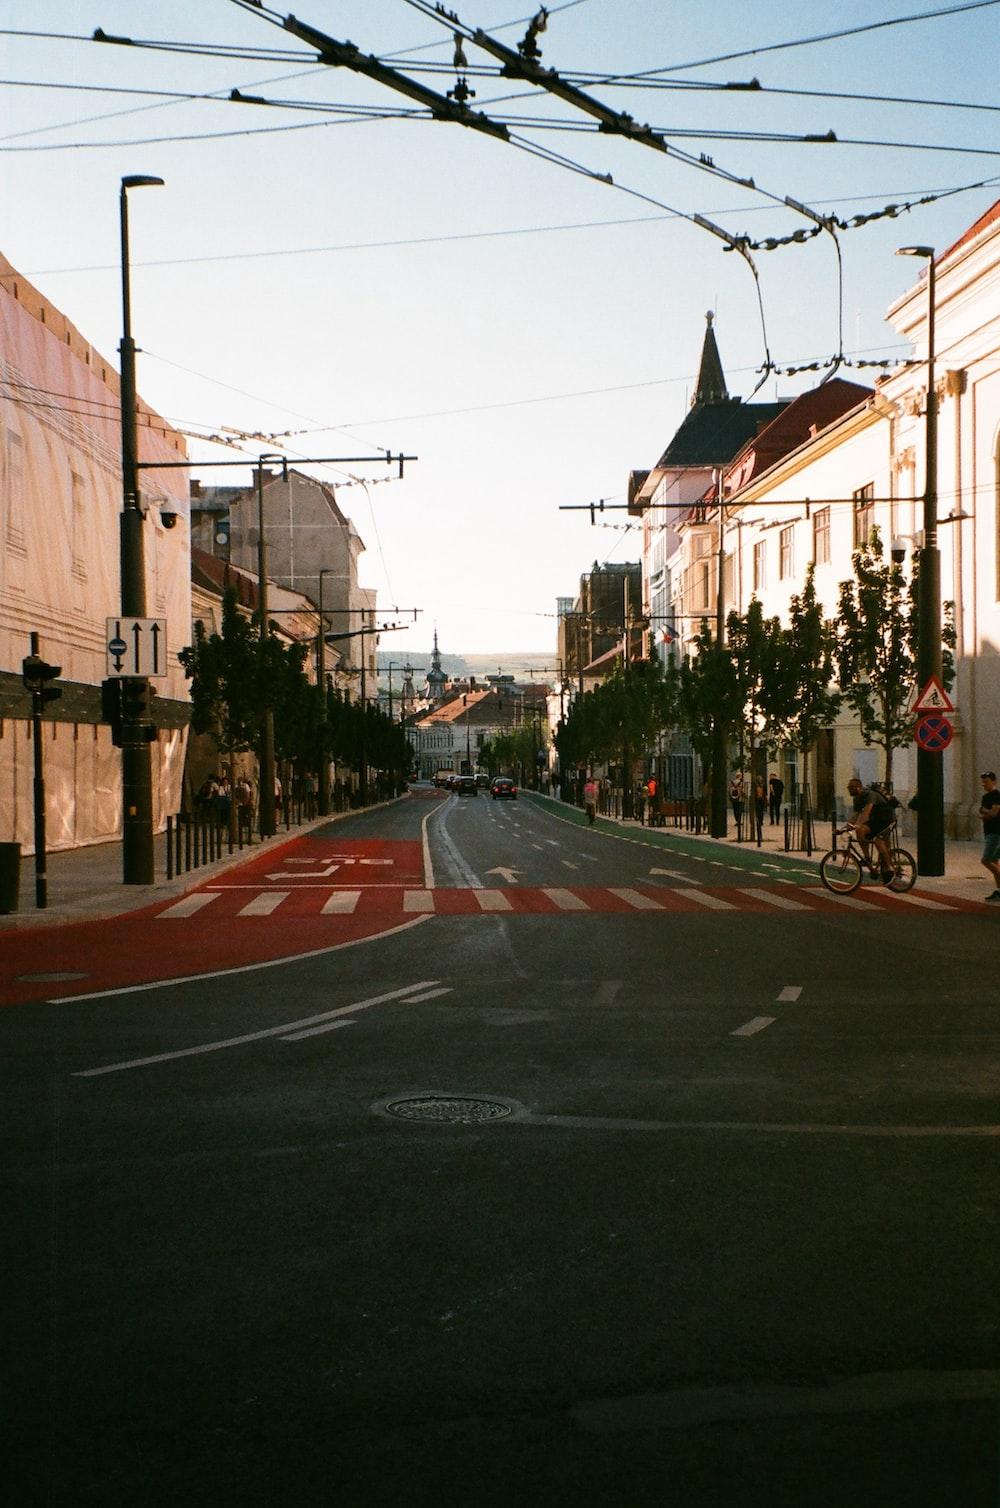 black asphalt road between buildings during daytime